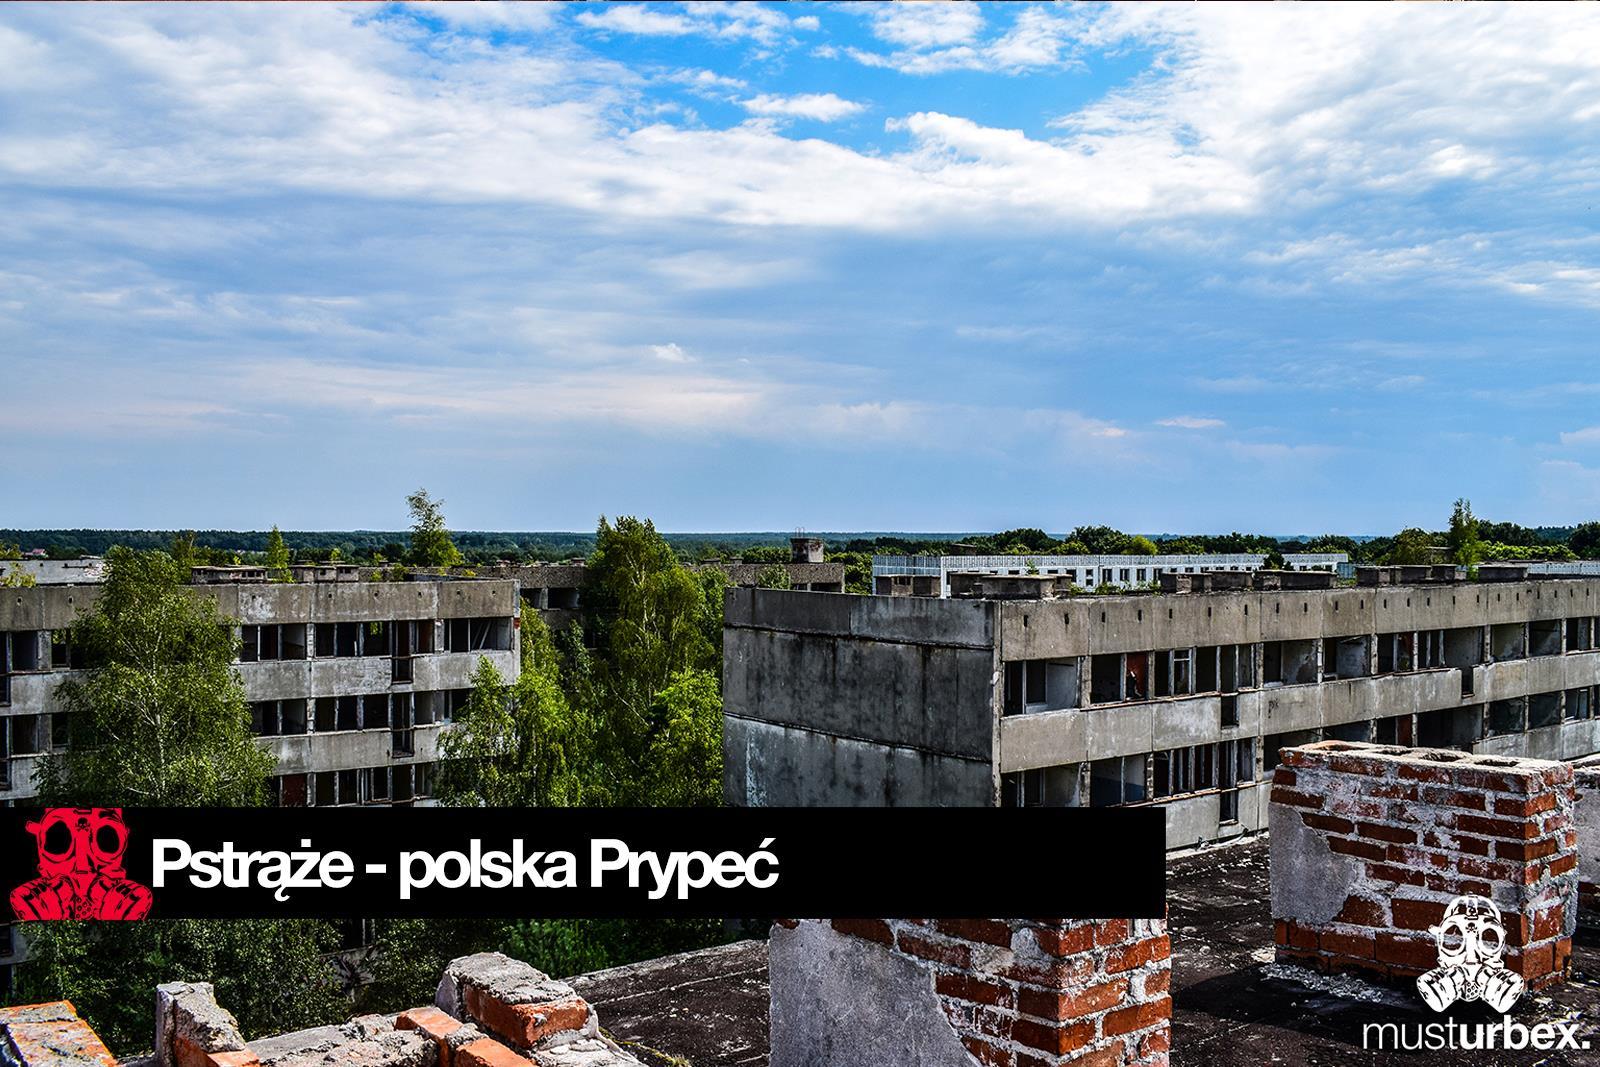 widok z dachu opuszczonego bloku opuszczone polskie miasto widmo Pstrąże Strans Страхув Strachów urbex musturbex